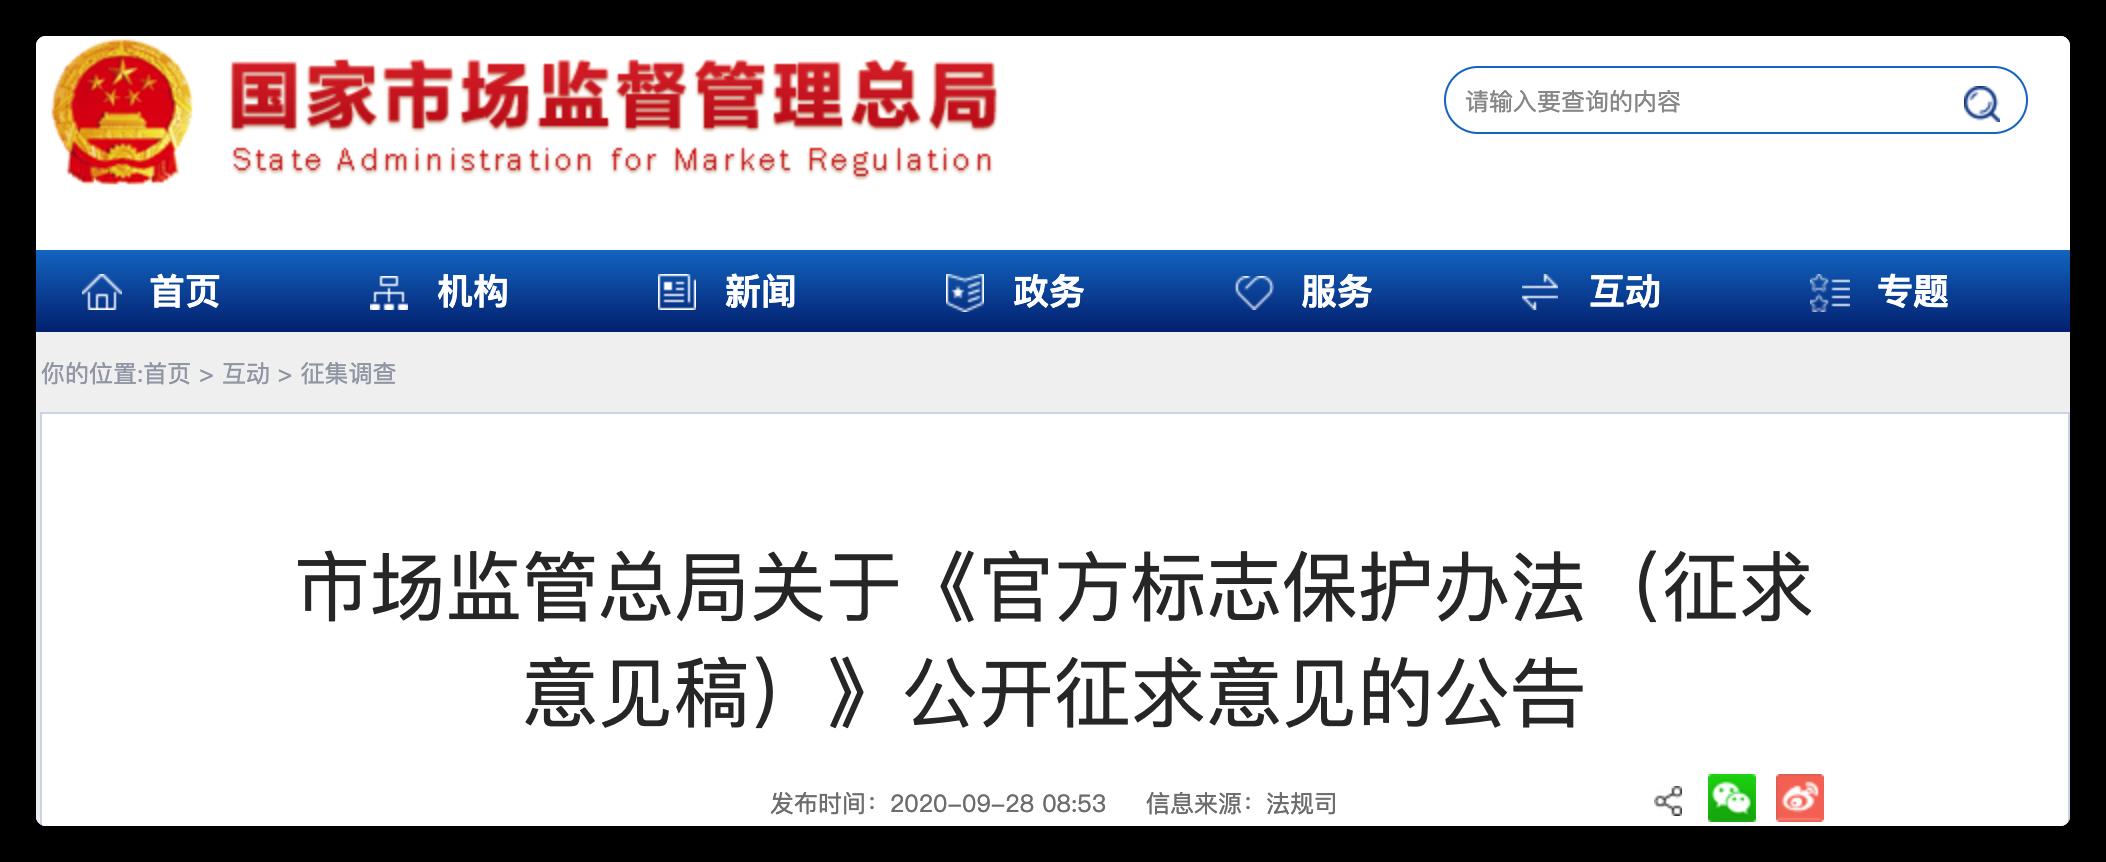 [知产晨讯]9月29日:官方标志保护办法公开征求意见,首批科创板上市企业容百科技遭专利起诉,有声读物平台如何规避侵权风险?